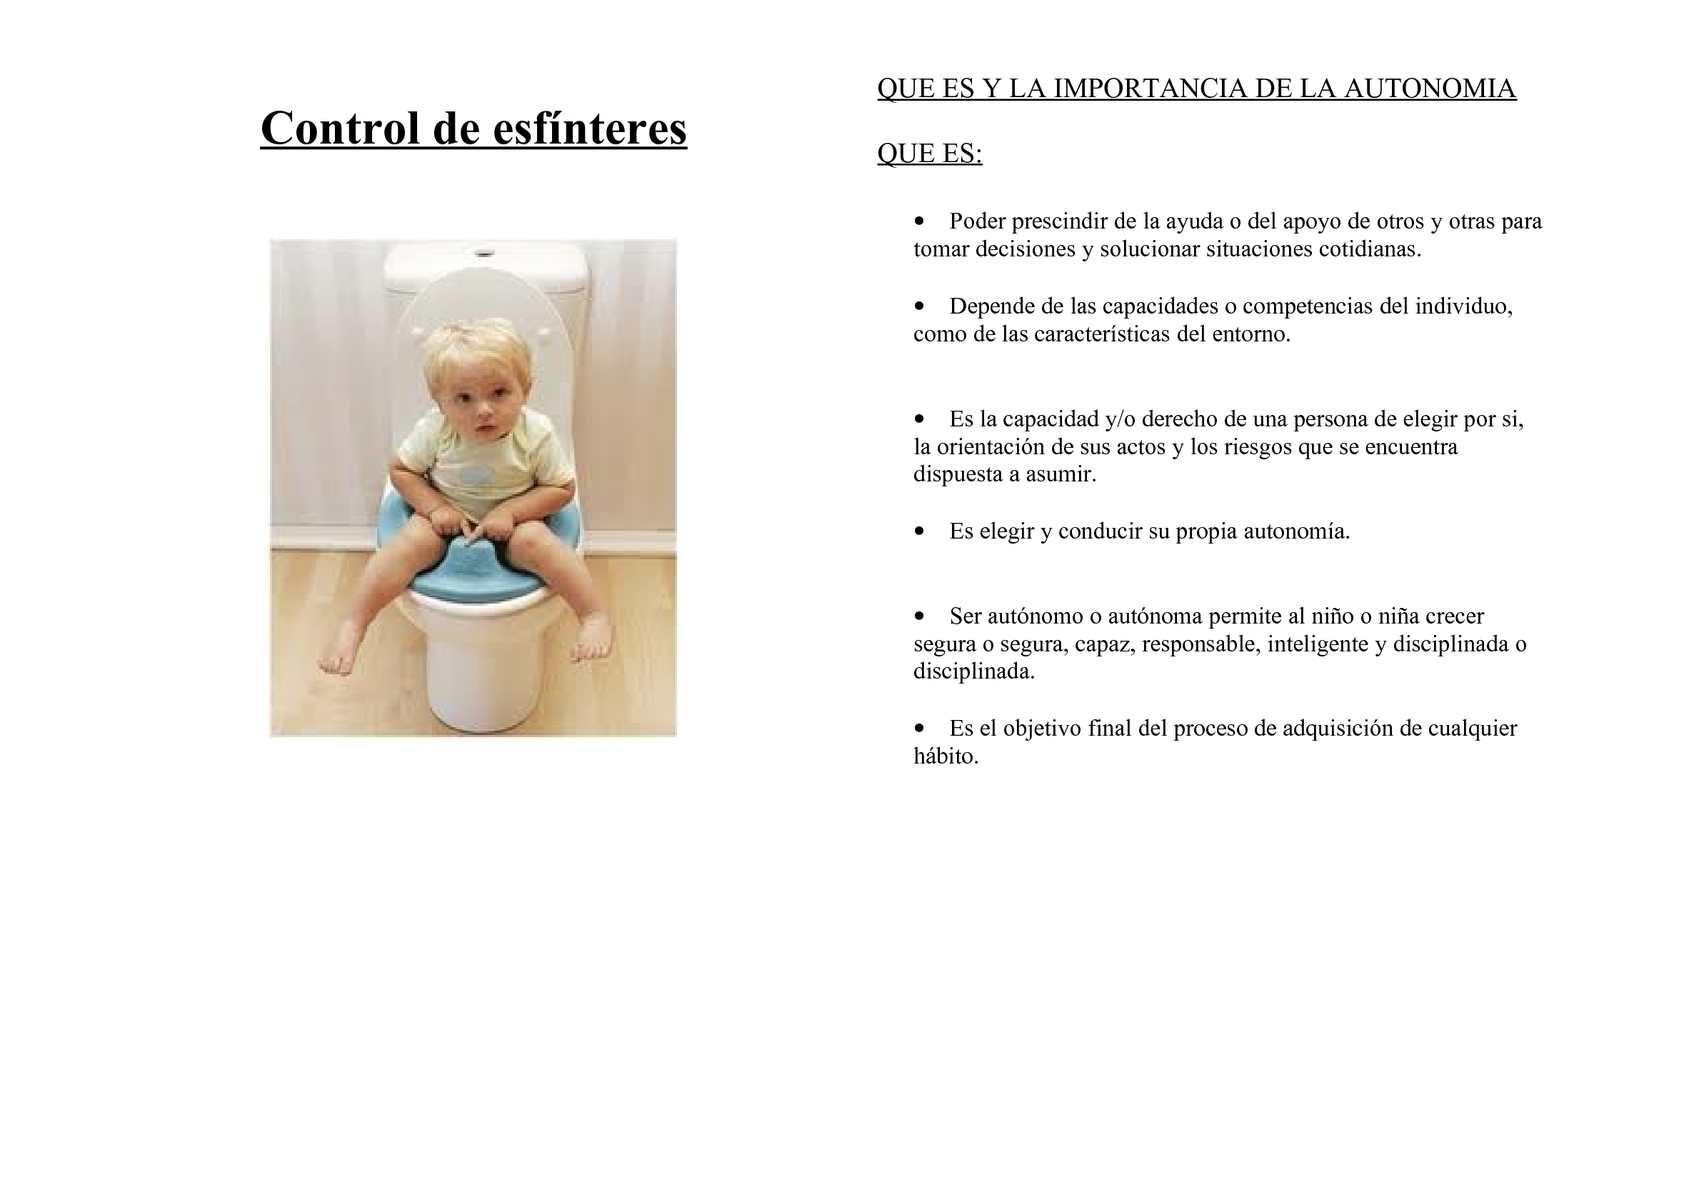 Calaméo - EL CONTROL DE ESFINTERES